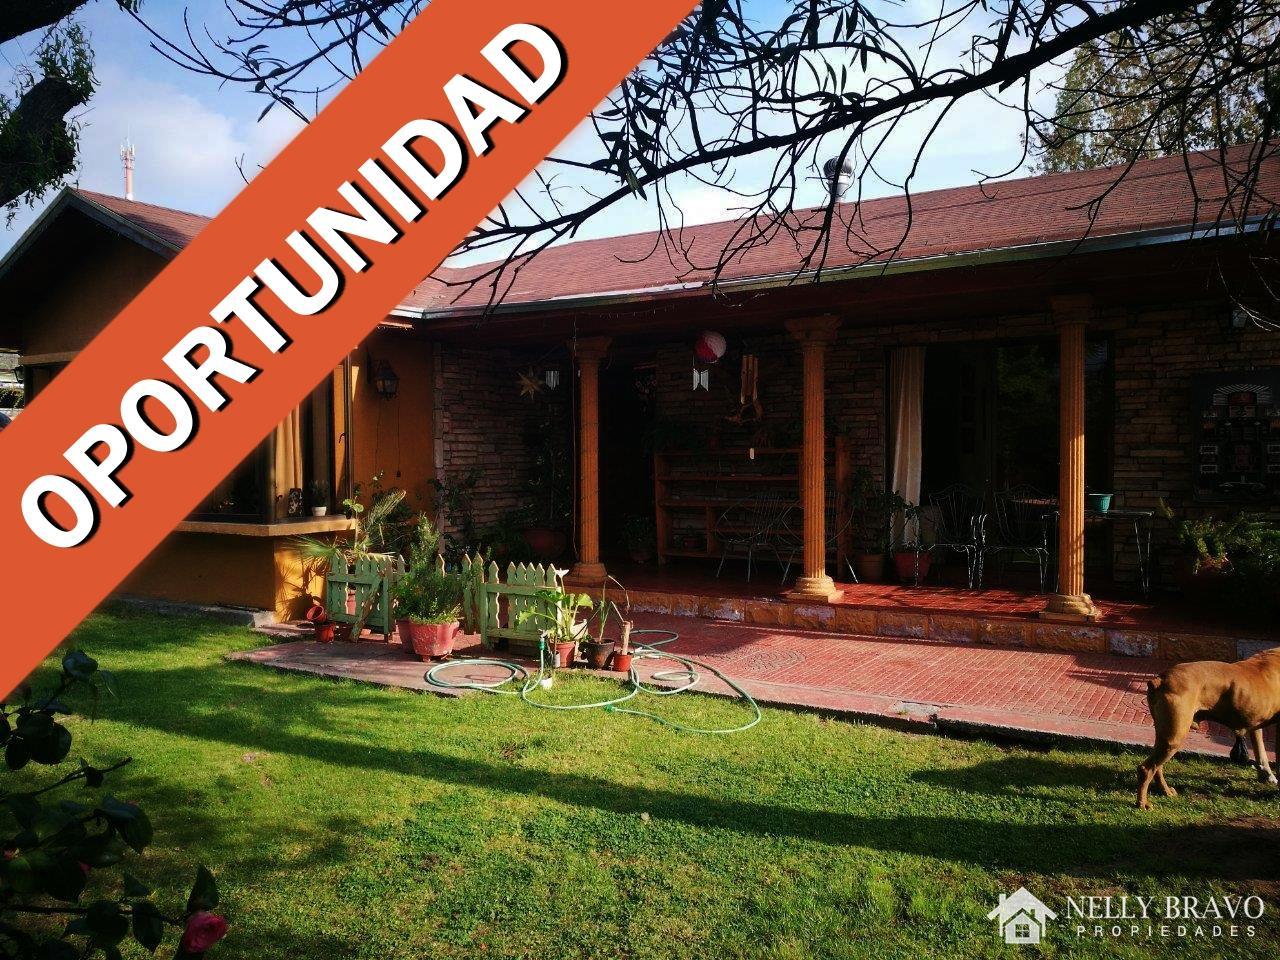 Se vende Terreno con casa en Centro de Machali, Machali